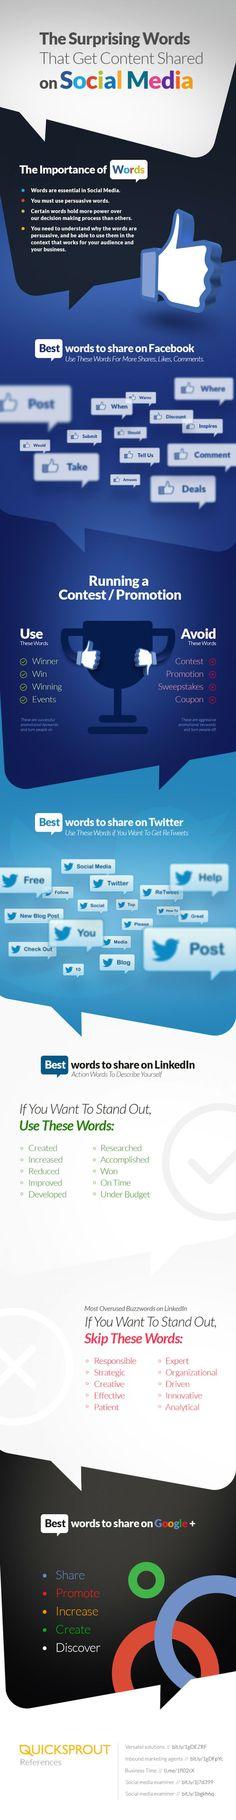 Jakie słowa powodują, że treści są udostępniane w sieci? Przed Wami infografika. Ciekawe, co w ten weekend będzie najbardziej popularne! www.bit.ly/1gWUTXk